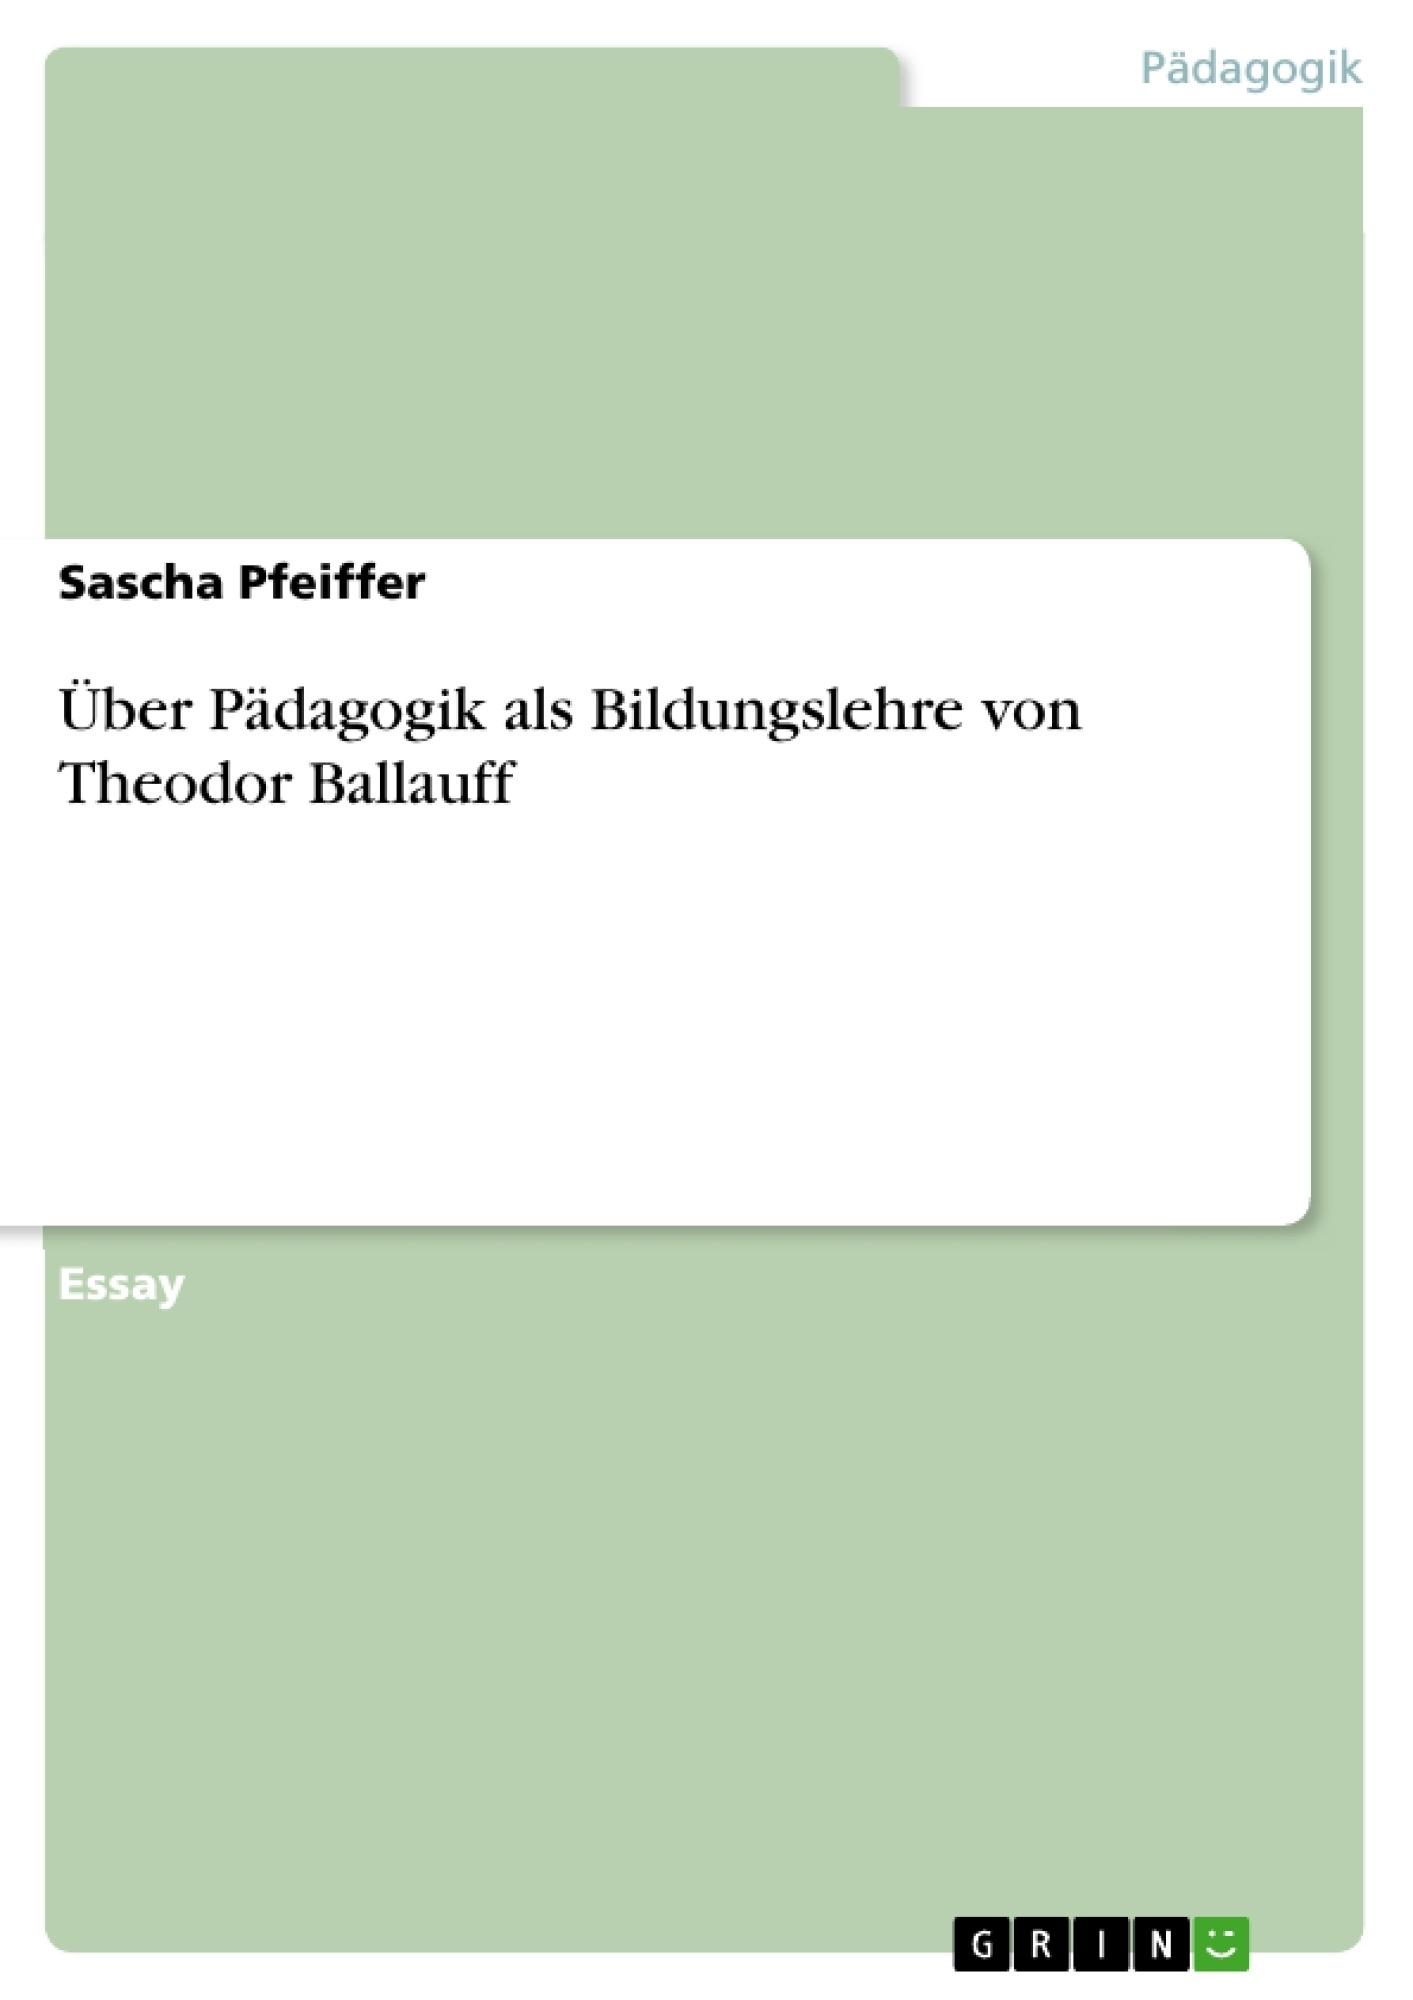 Titel: Über Pädagogik als Bildungslehre von Theodor Ballauff